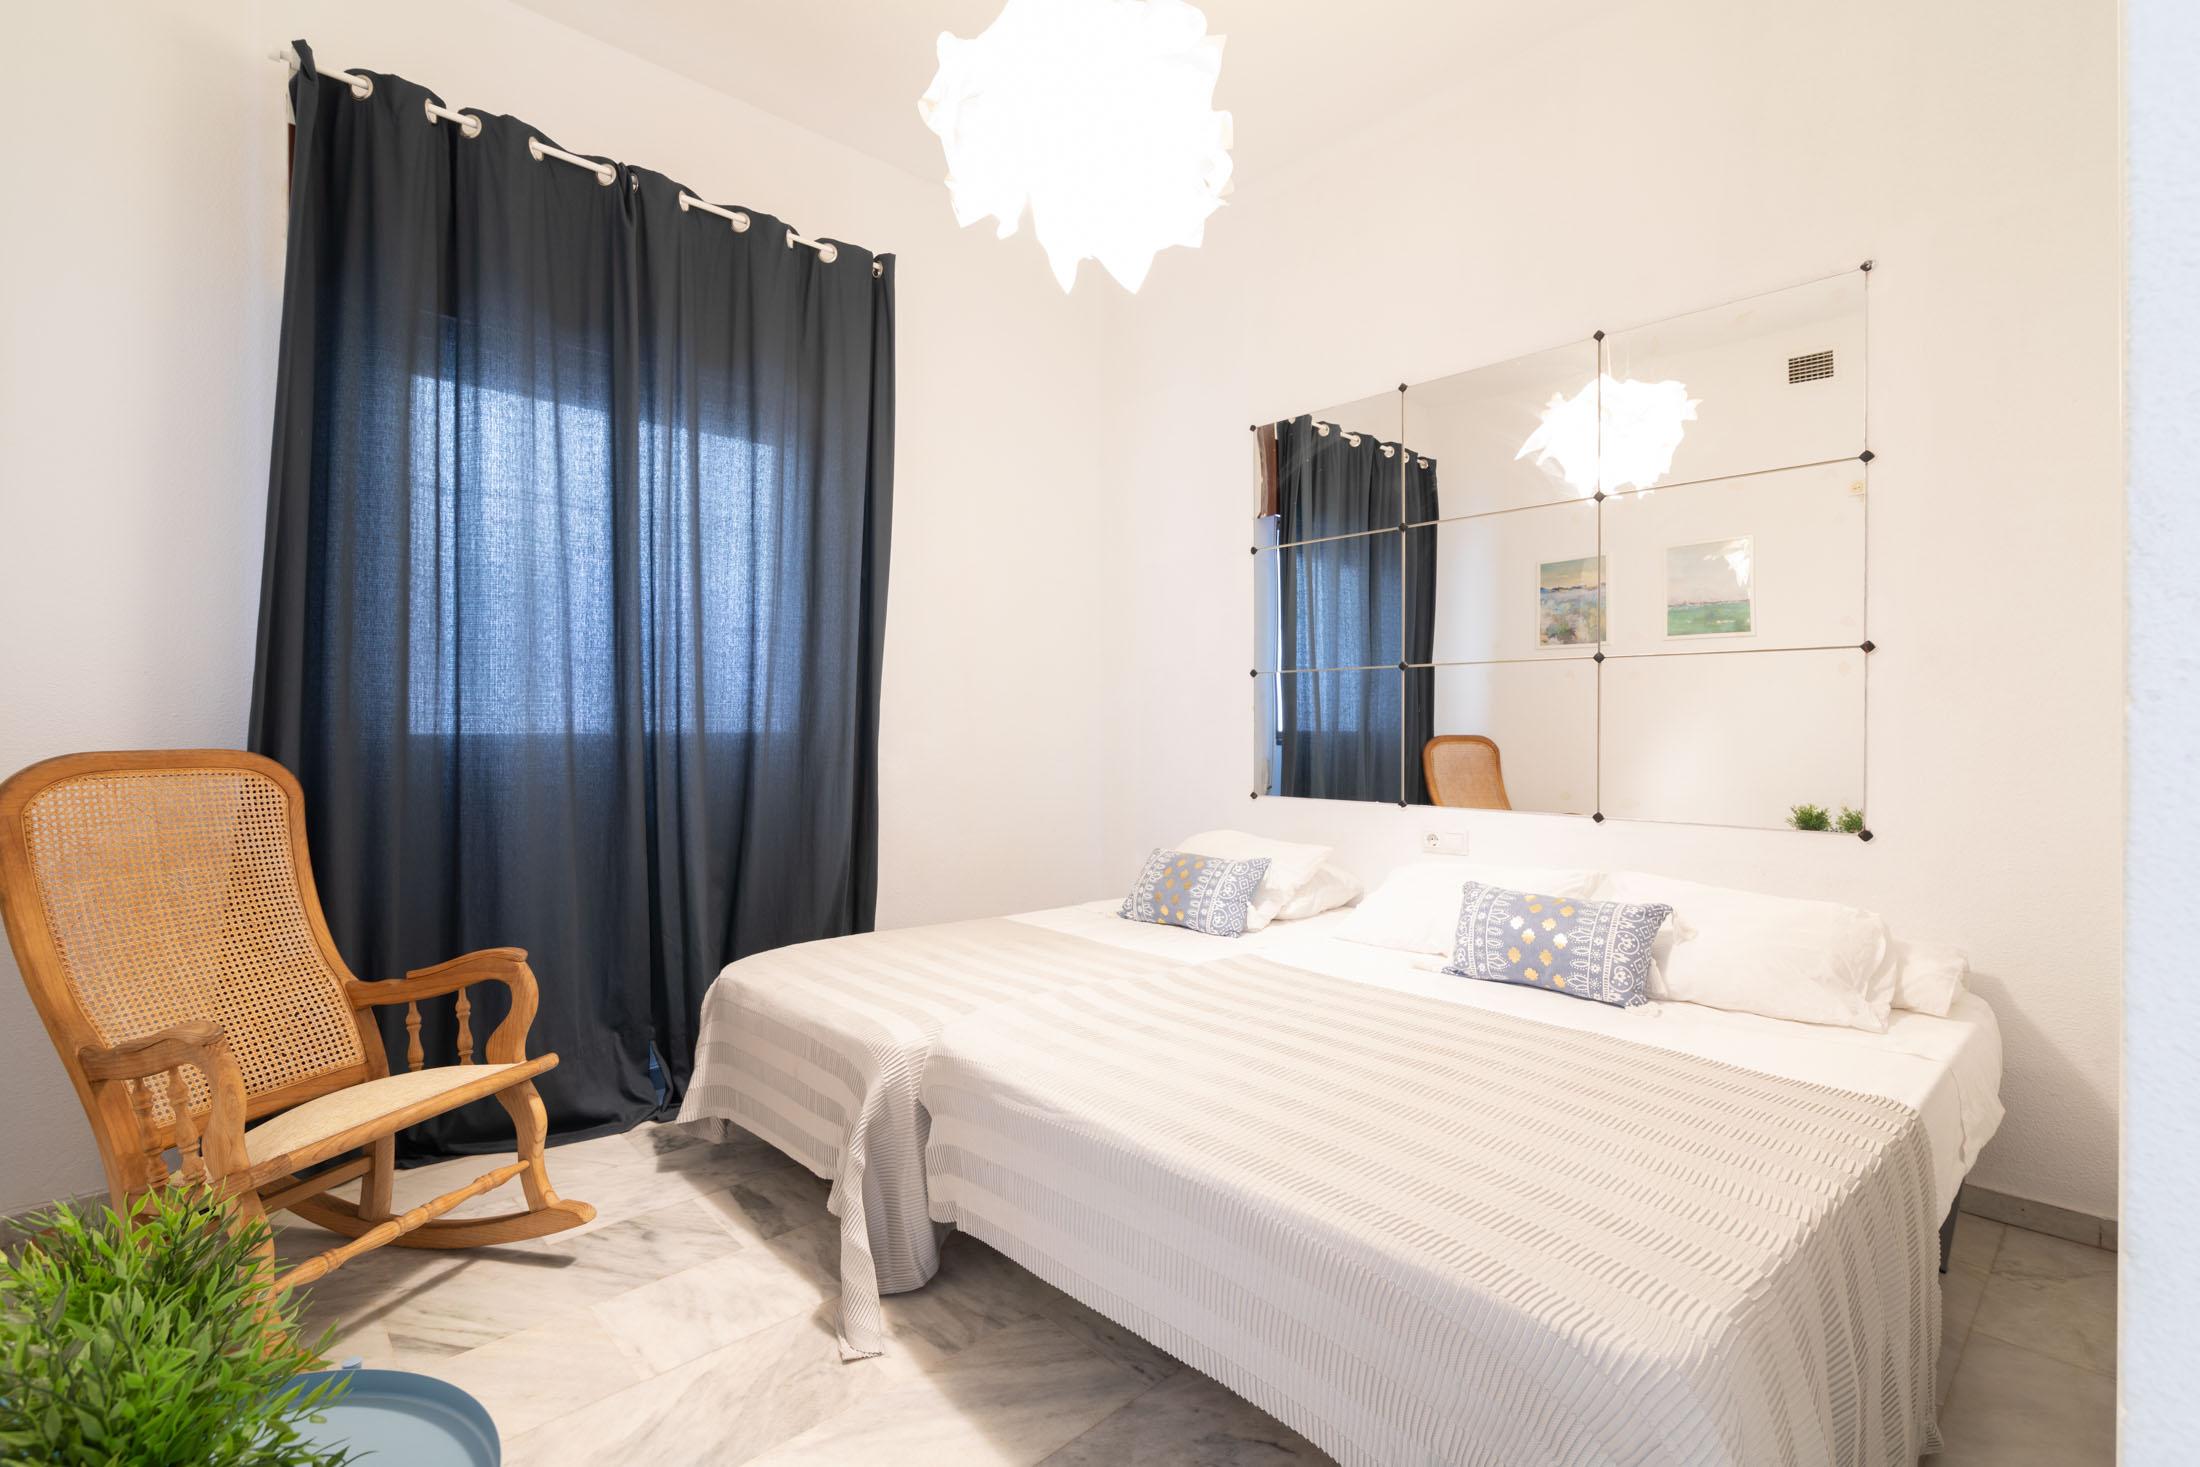 apartamento-plaza-merced-dormitorio